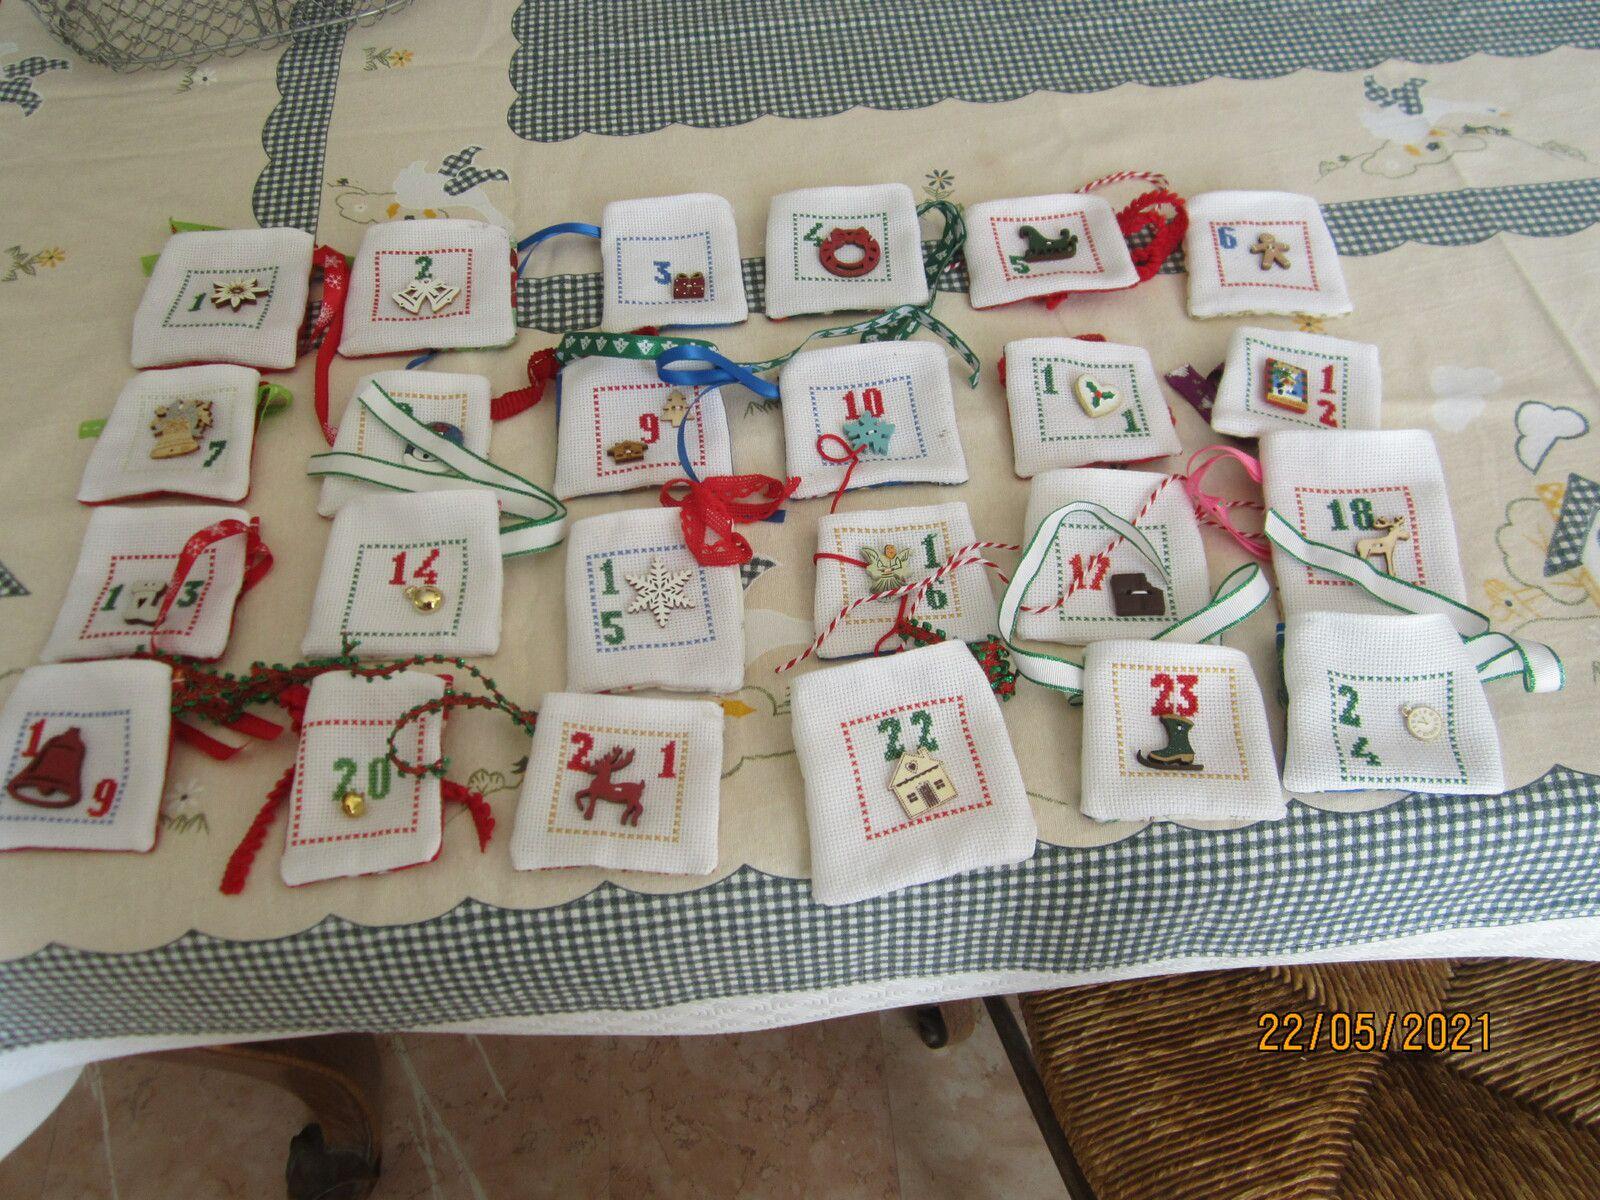 Préparer Noël tout au long de l'année